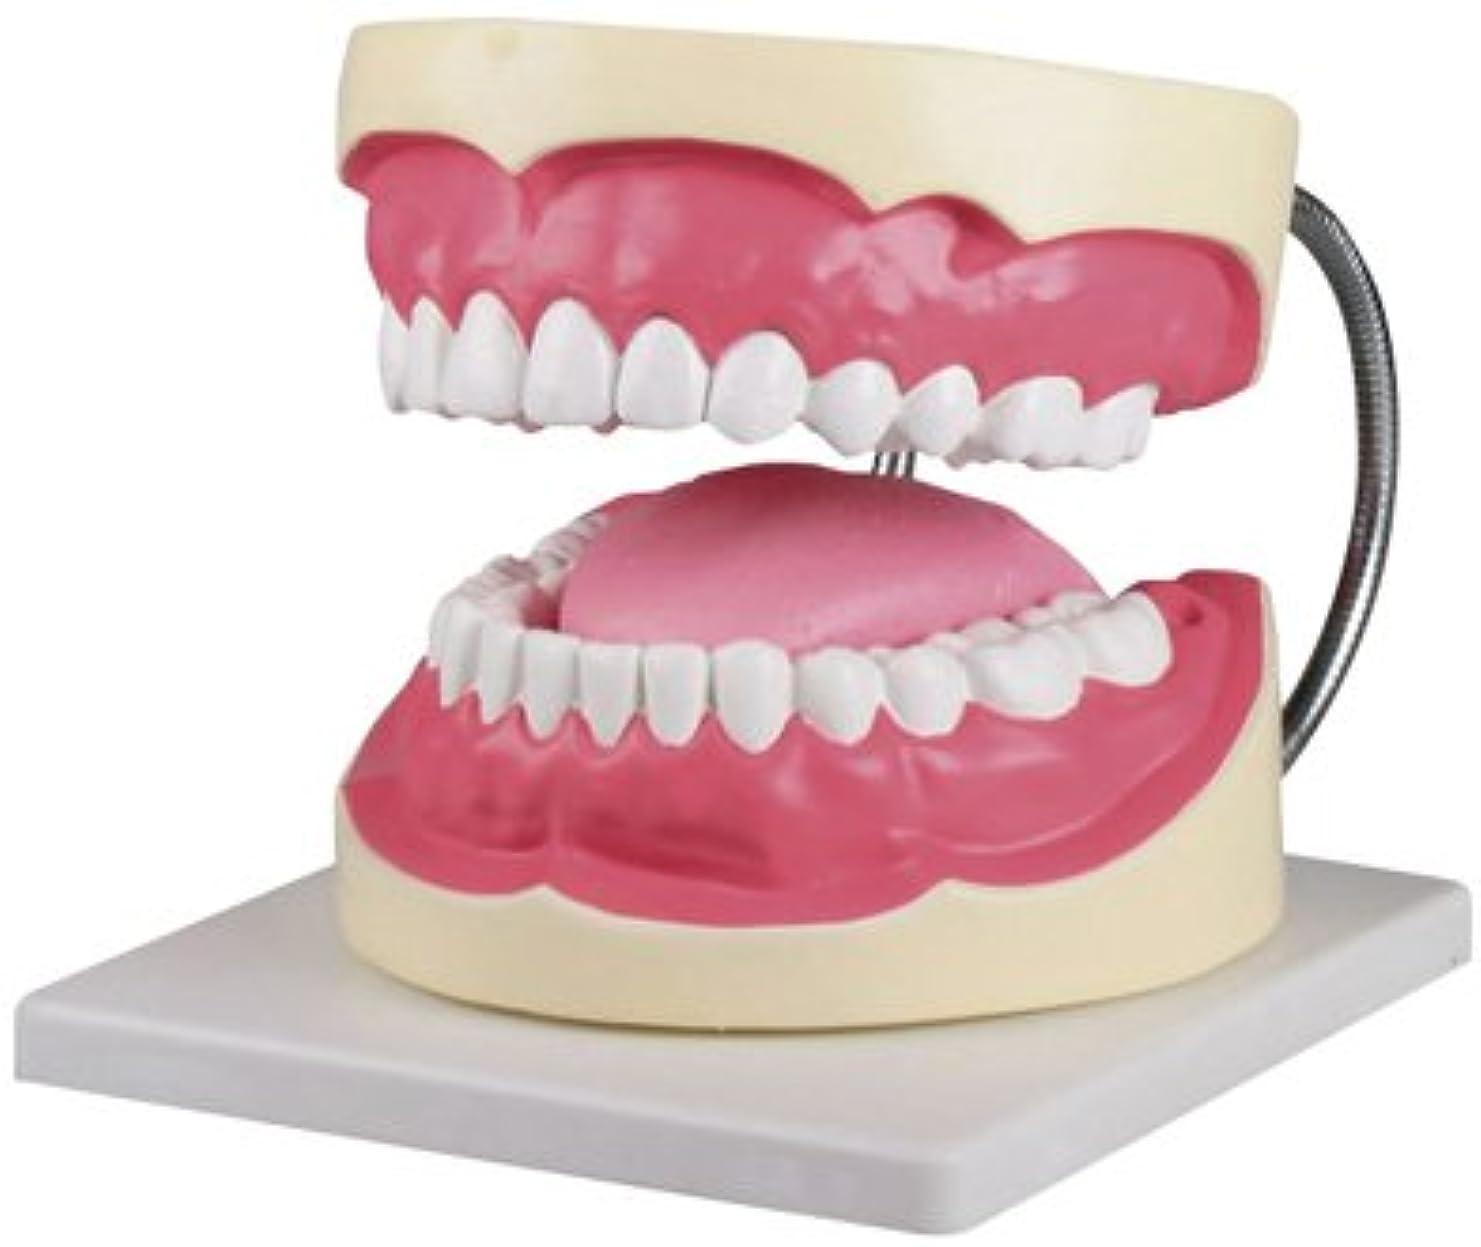 ビバ配列交流する歯磨き(口腔ケア)指導模型3倍大 D216 ?????(??????)???????(24-6839-01)【エルラージーマー社】[1個単位]